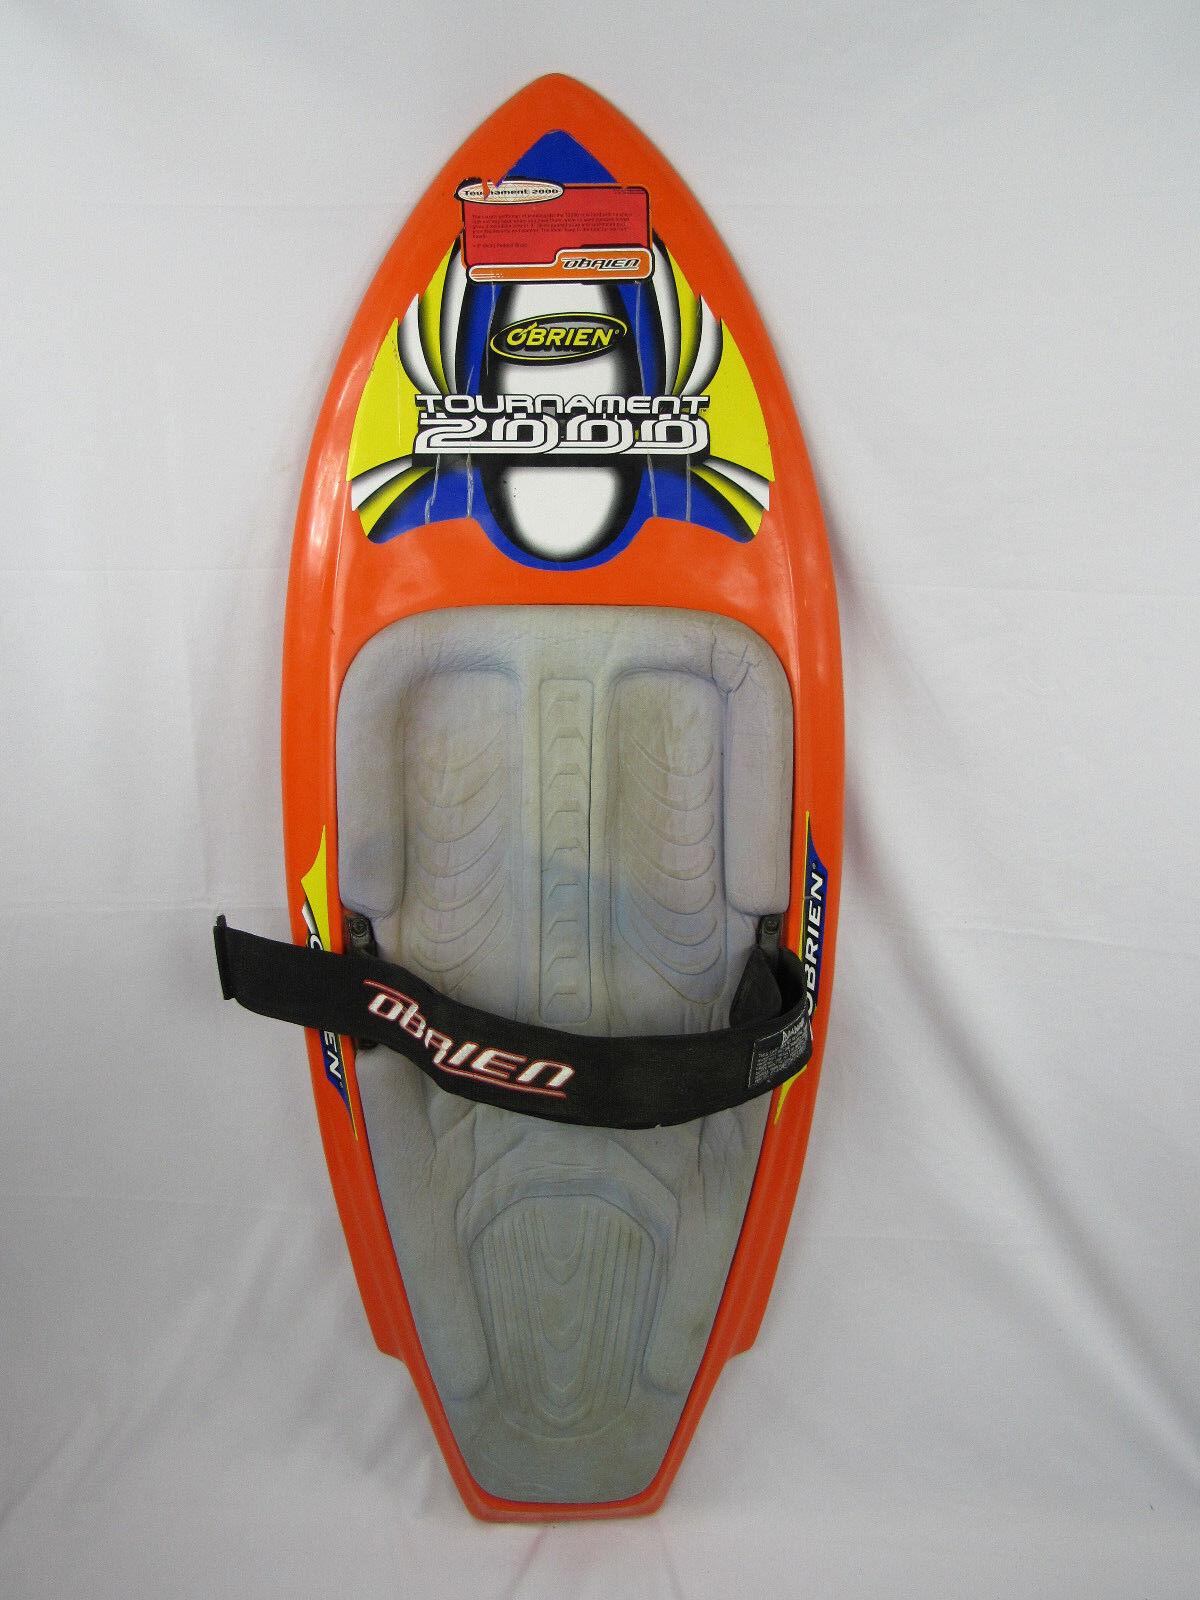 Obrien Water Sport Kneeboard w Strap Tournament 2000 orange Ski Vintage T2000